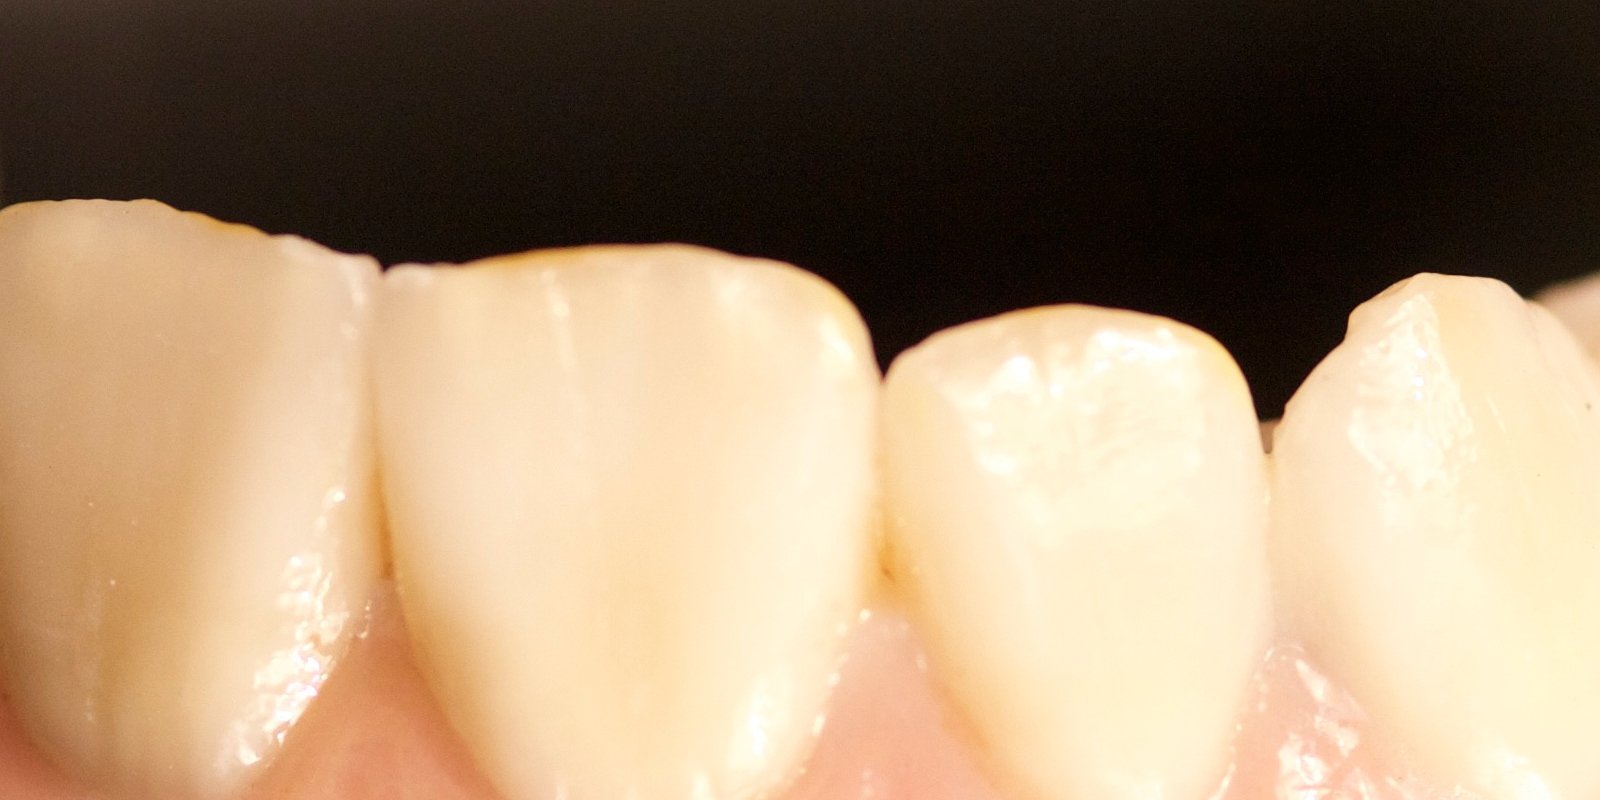 Zirkon er det mest efterspurgte materiale til design af naturtro keramiske tandbroer af bedste kvalitet